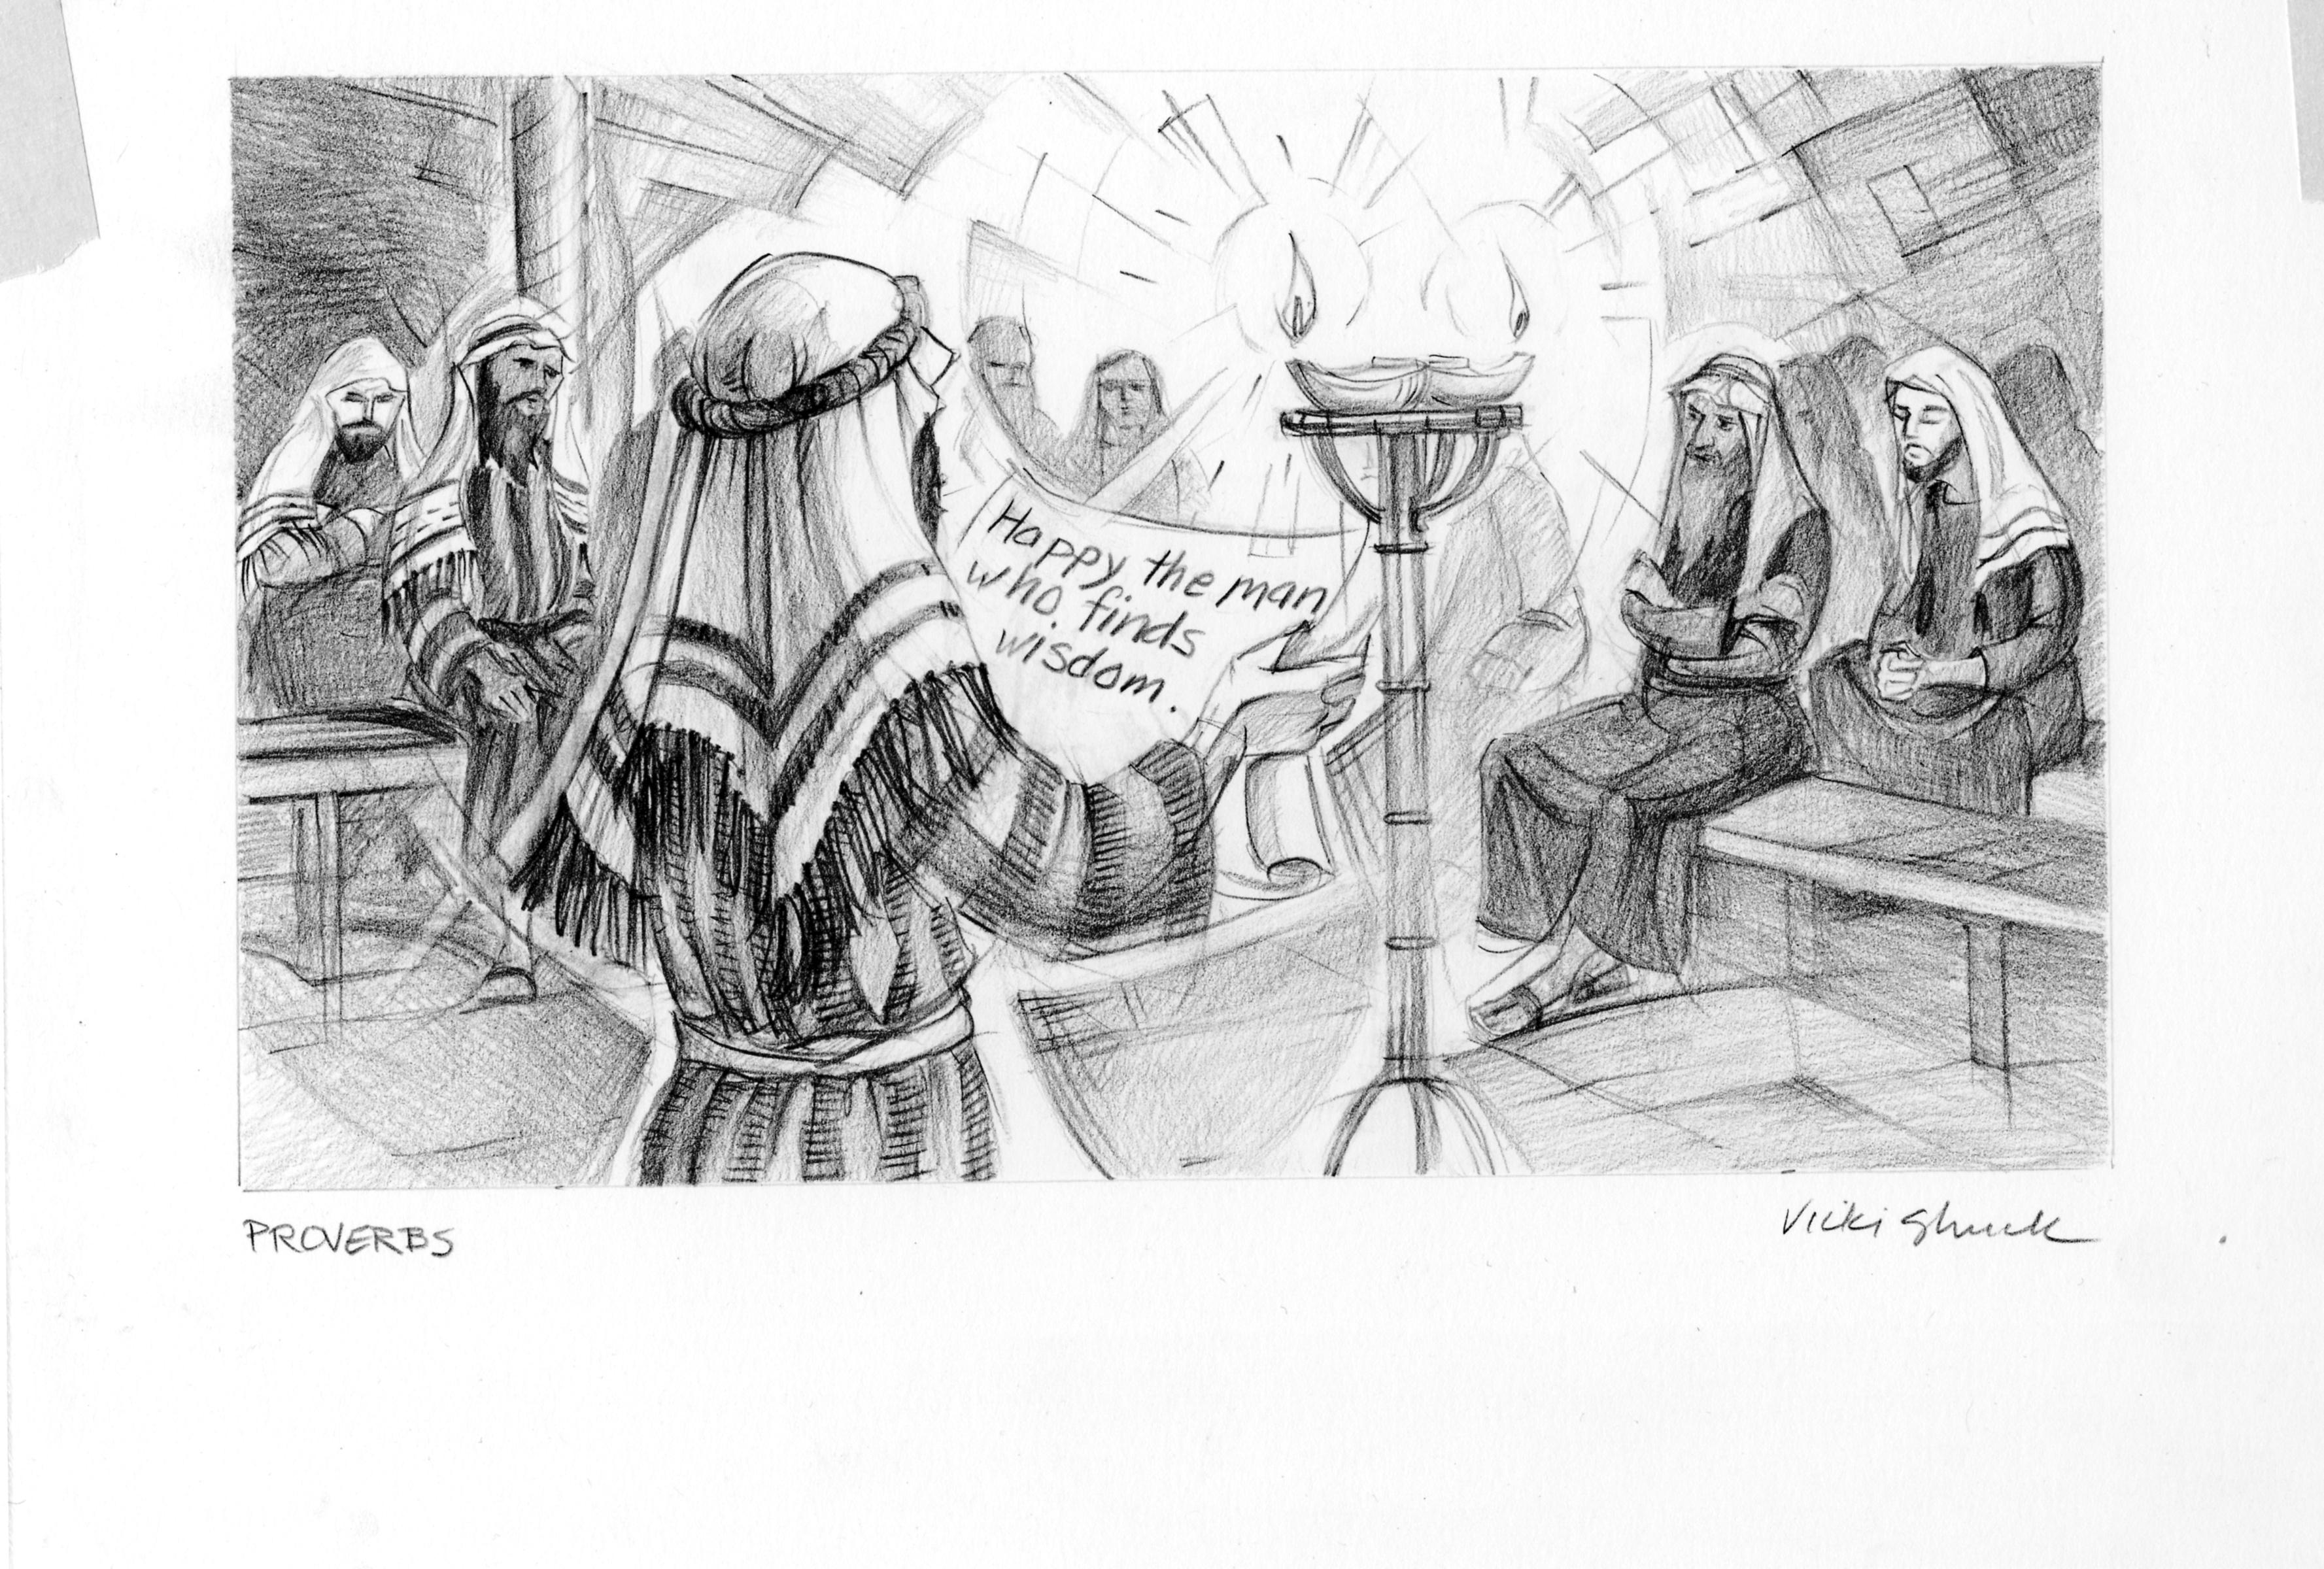 Proverbs 13 13 Illustration